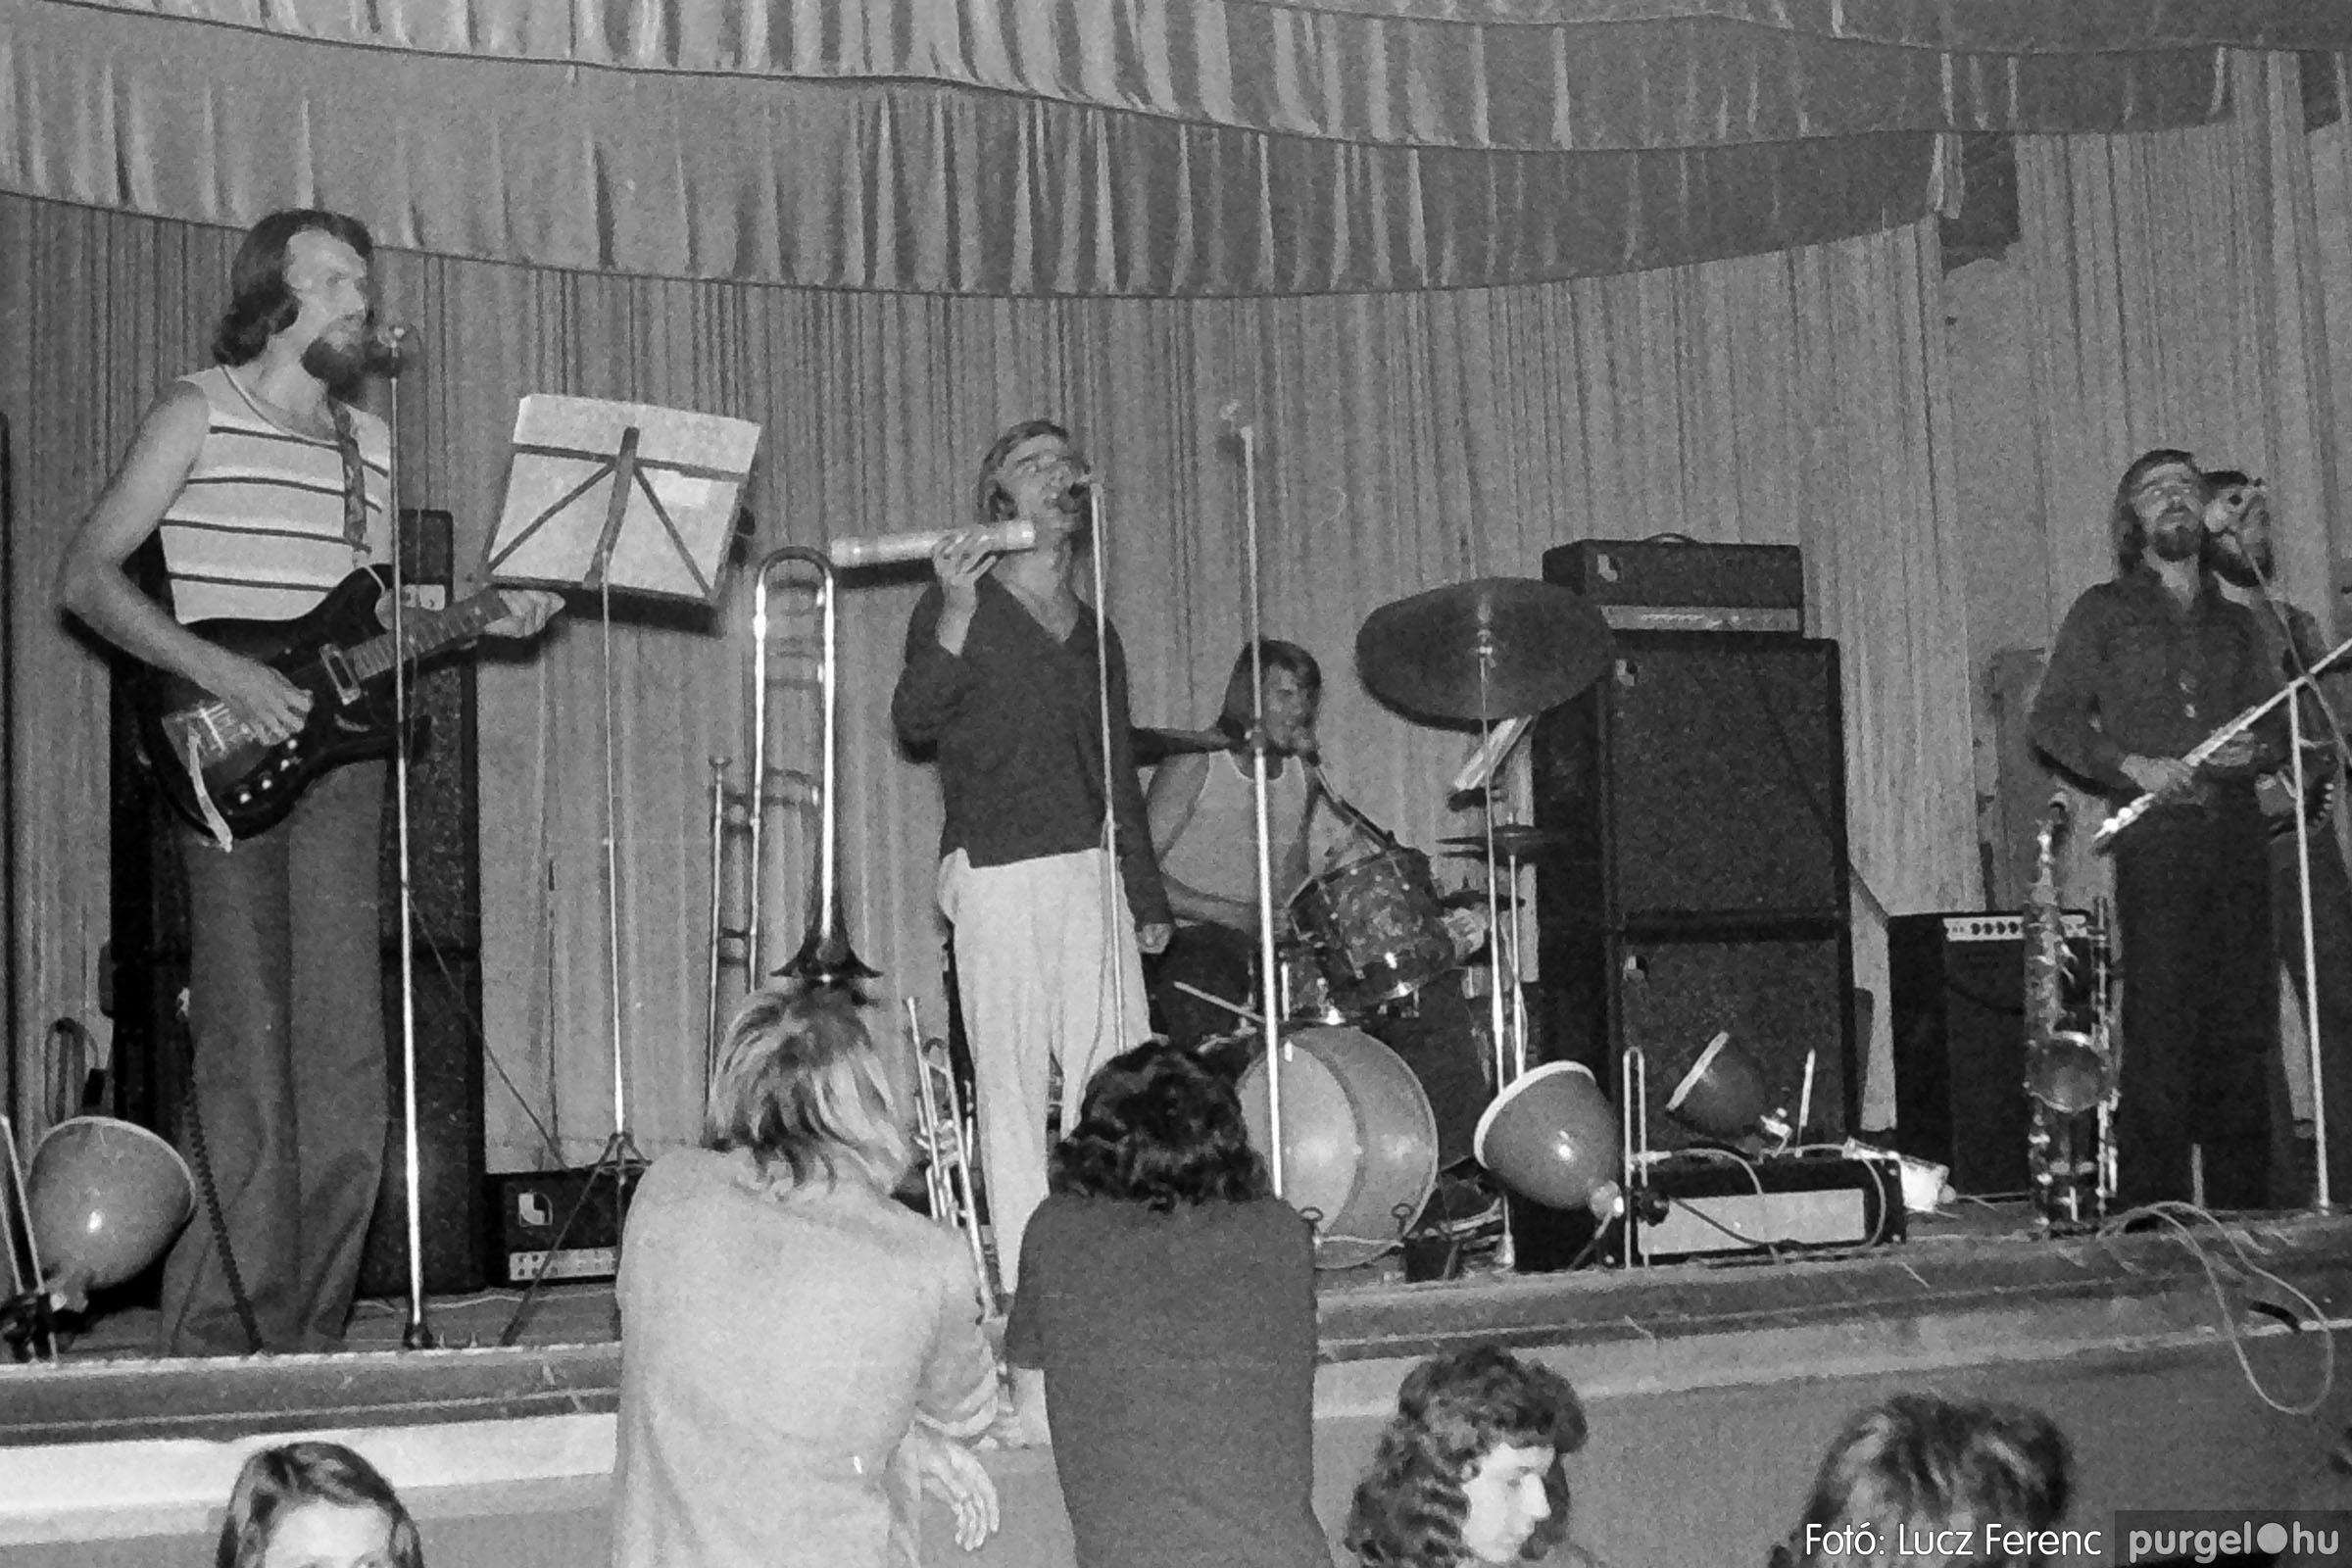 024 1975. A Kvint, az LWH és a Keopsz Együttesek koncertje 009 - Fotó: Lucz Ferenc IMG00187q.jpg